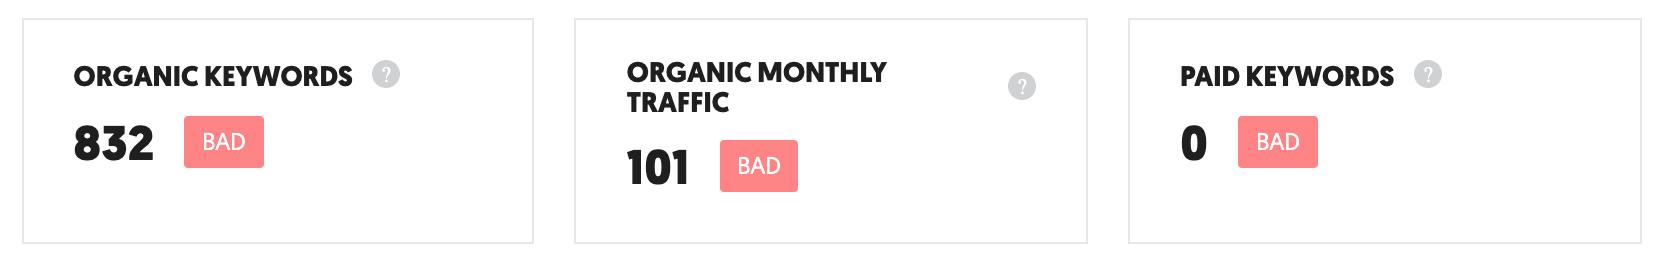 Ubersuggest - poor ranking for organic keywords - bad website